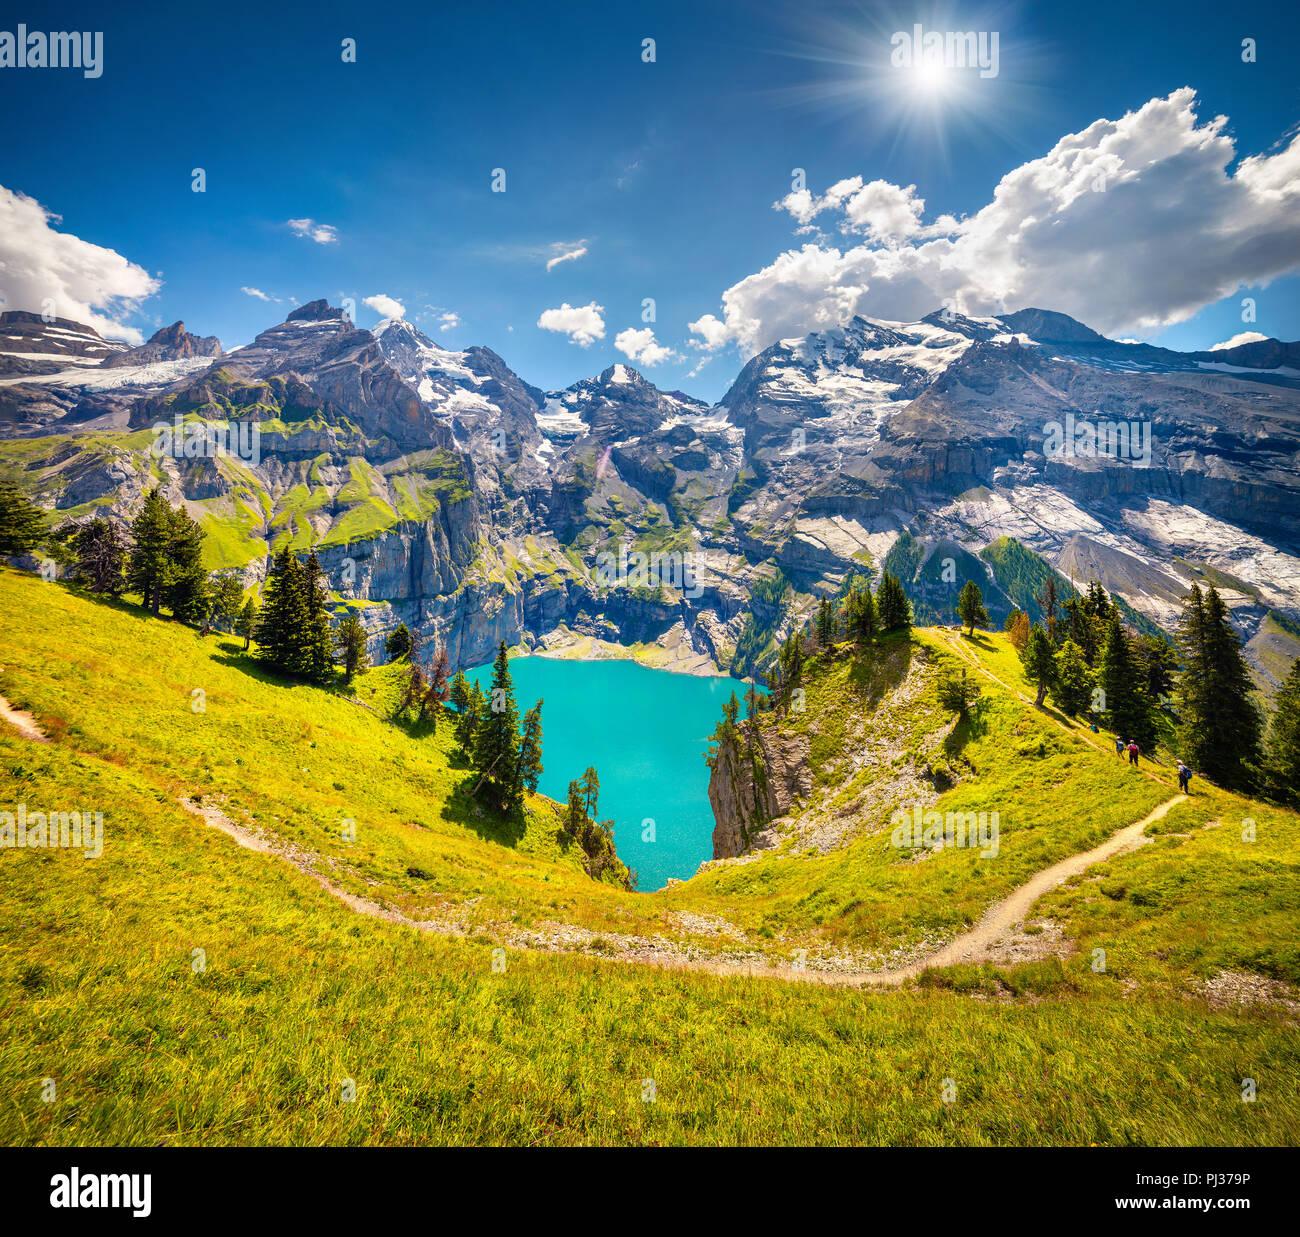 Colorido mañana de verano en el lago - único Oeschinen (Oeschinensee), Sitio de Patrimonio Mundial de la UNESCO. Suiza, Europa. Foto de stock